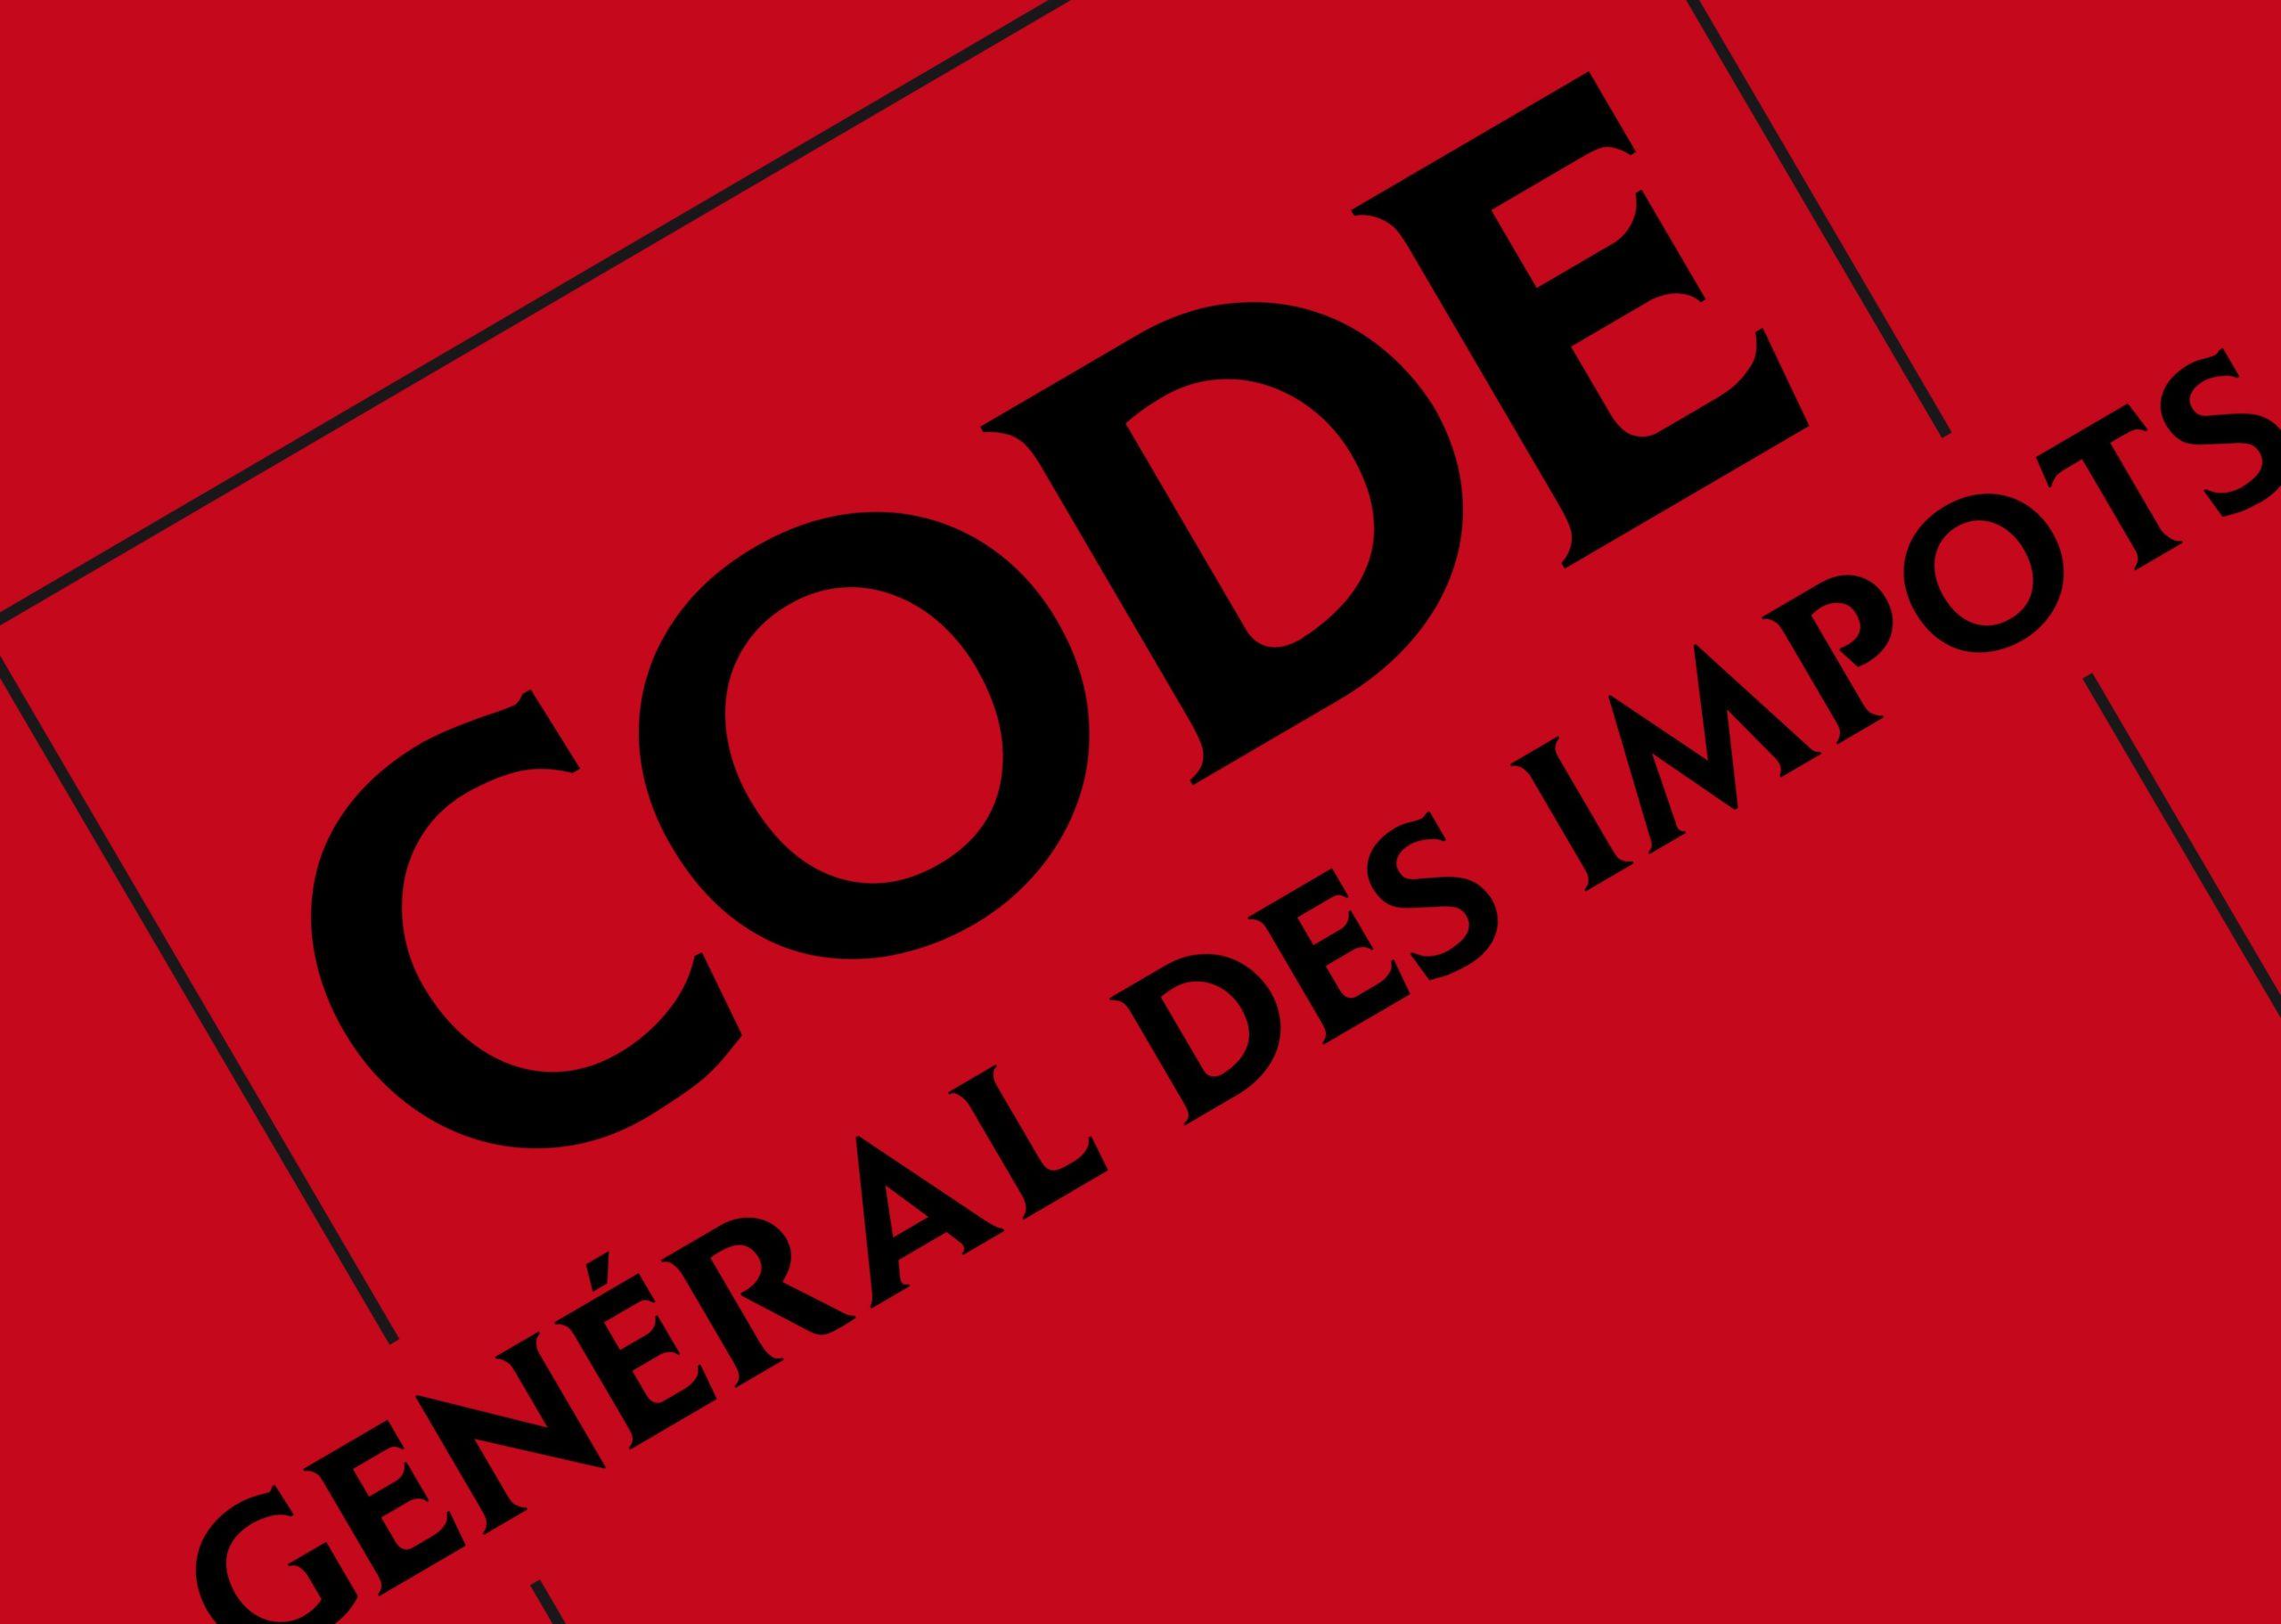 La provision pour investissement pour les éditeurs de presse de service de presse en ligne de la connaissance et du savoir (article 39 bis B du code général des impôts)